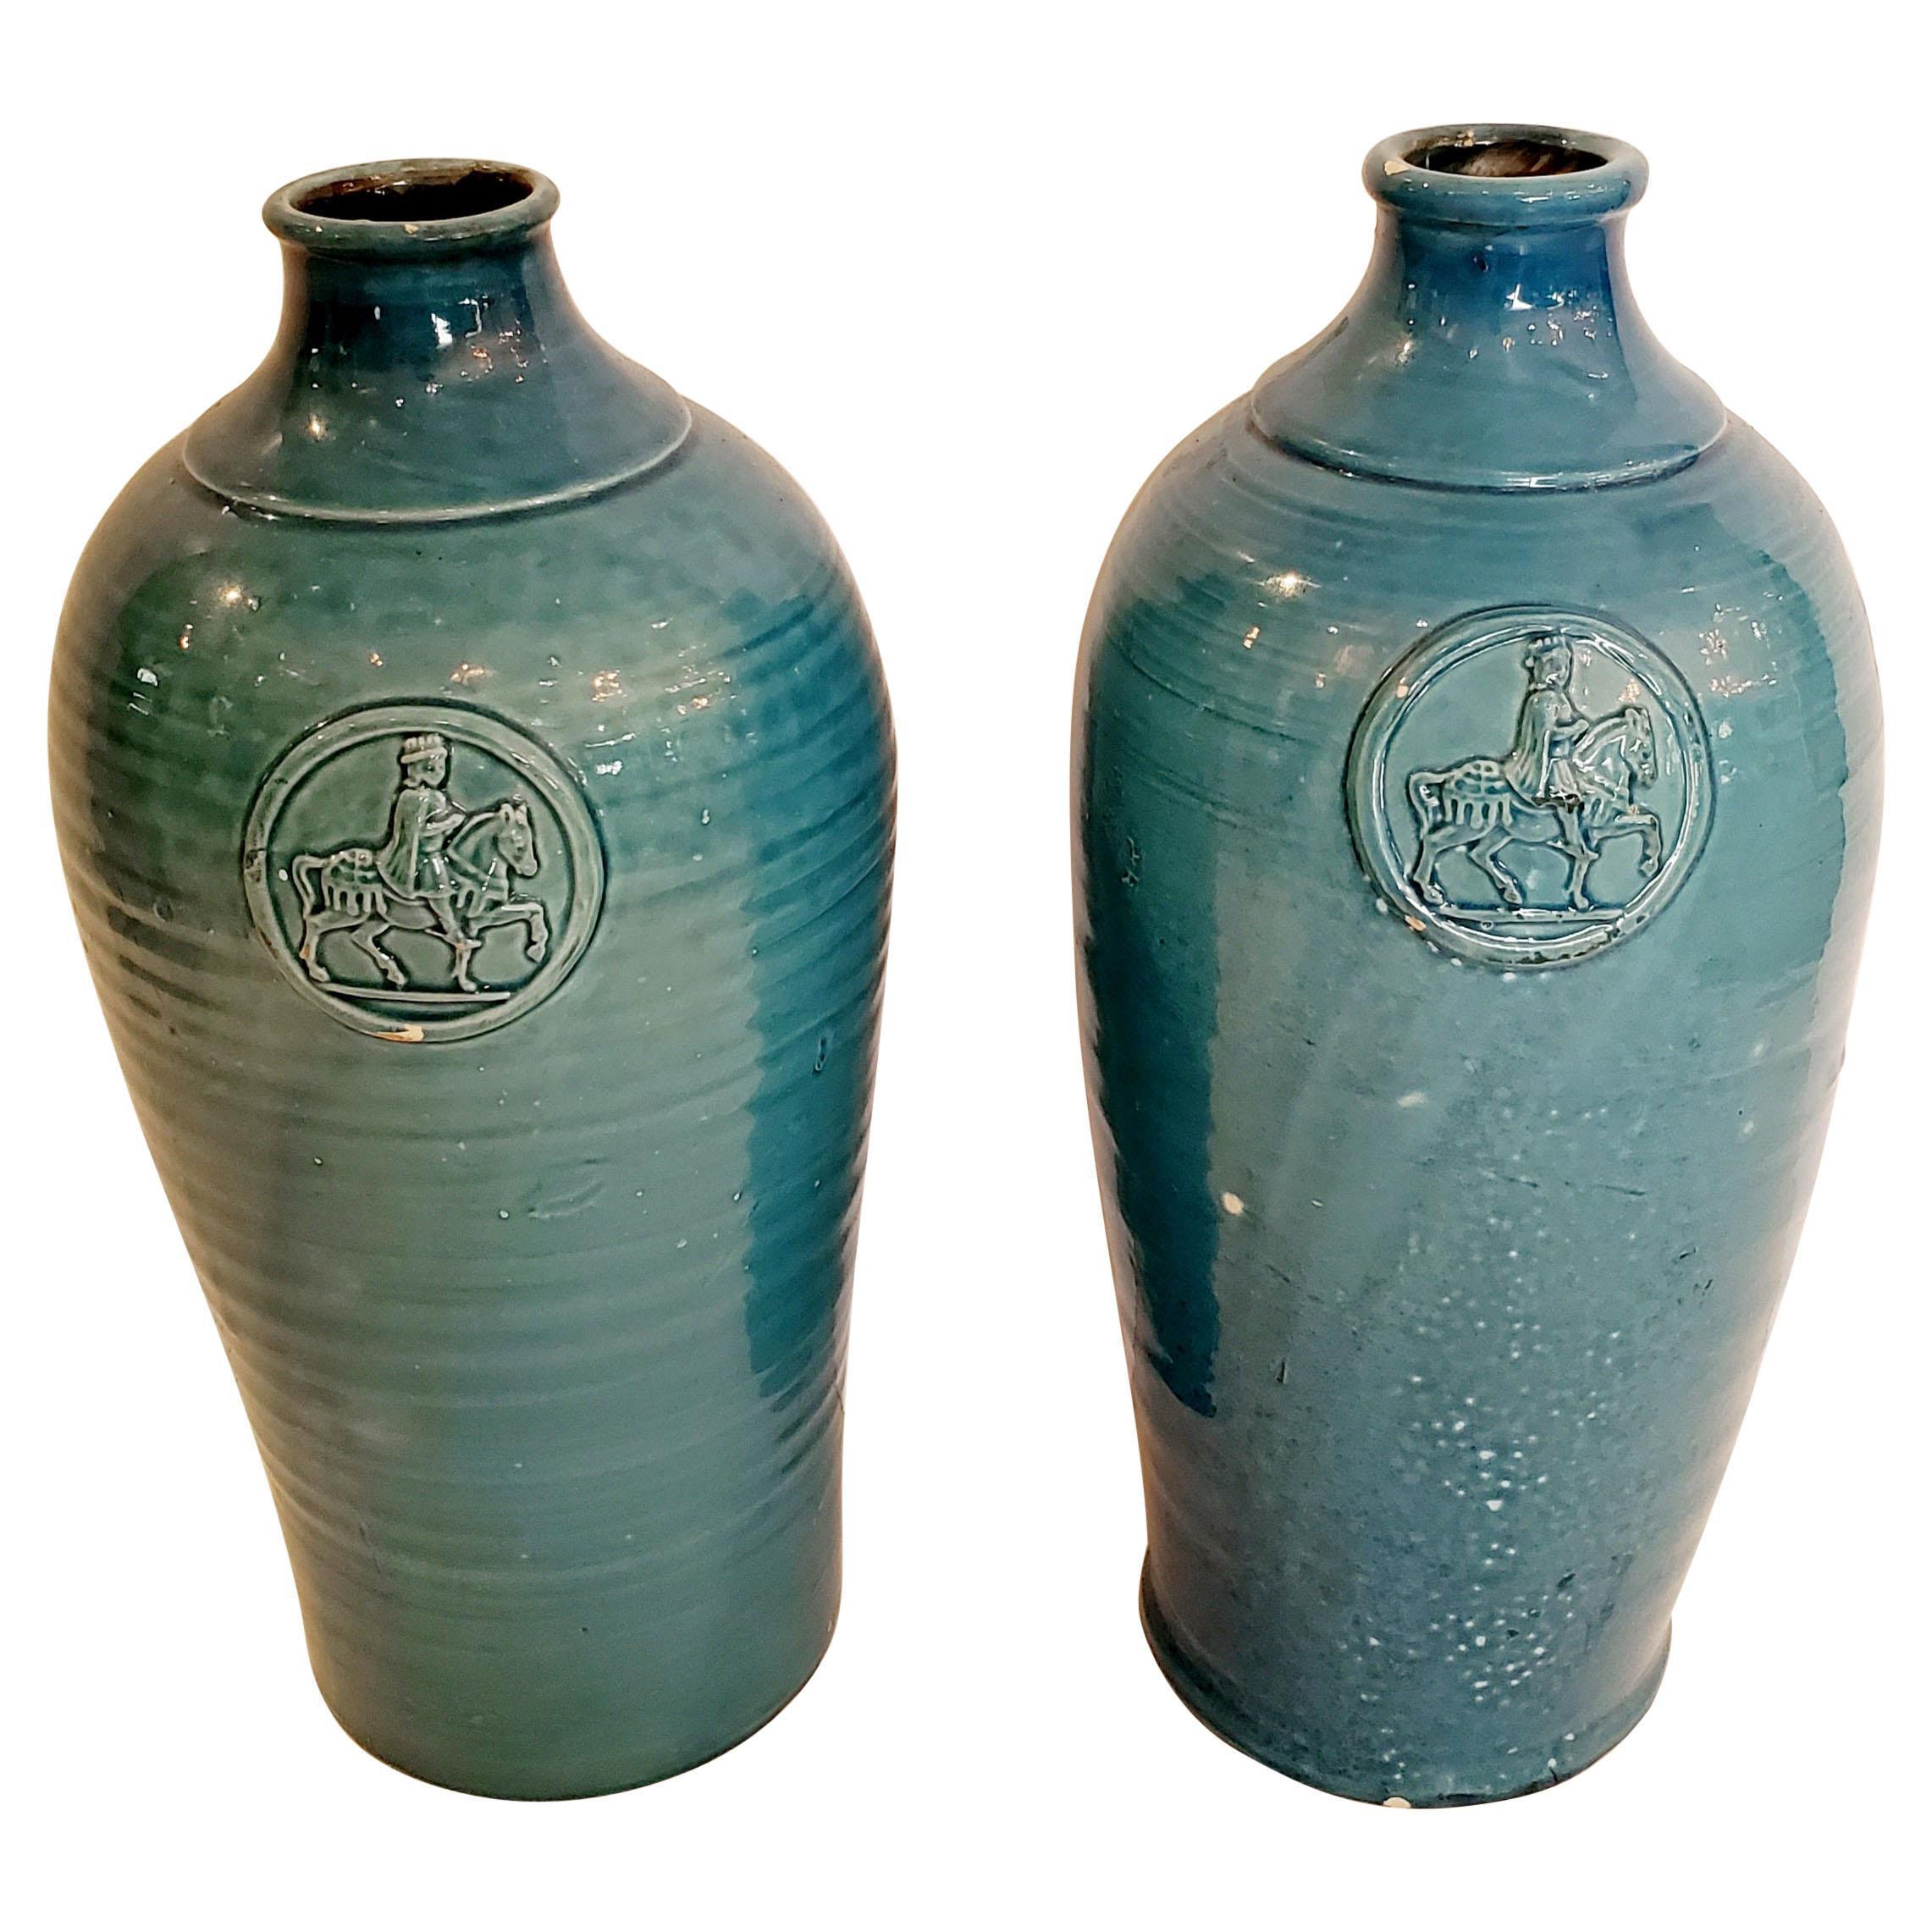 Beautiful Pair of Turquoise Italian Ceramic Vases